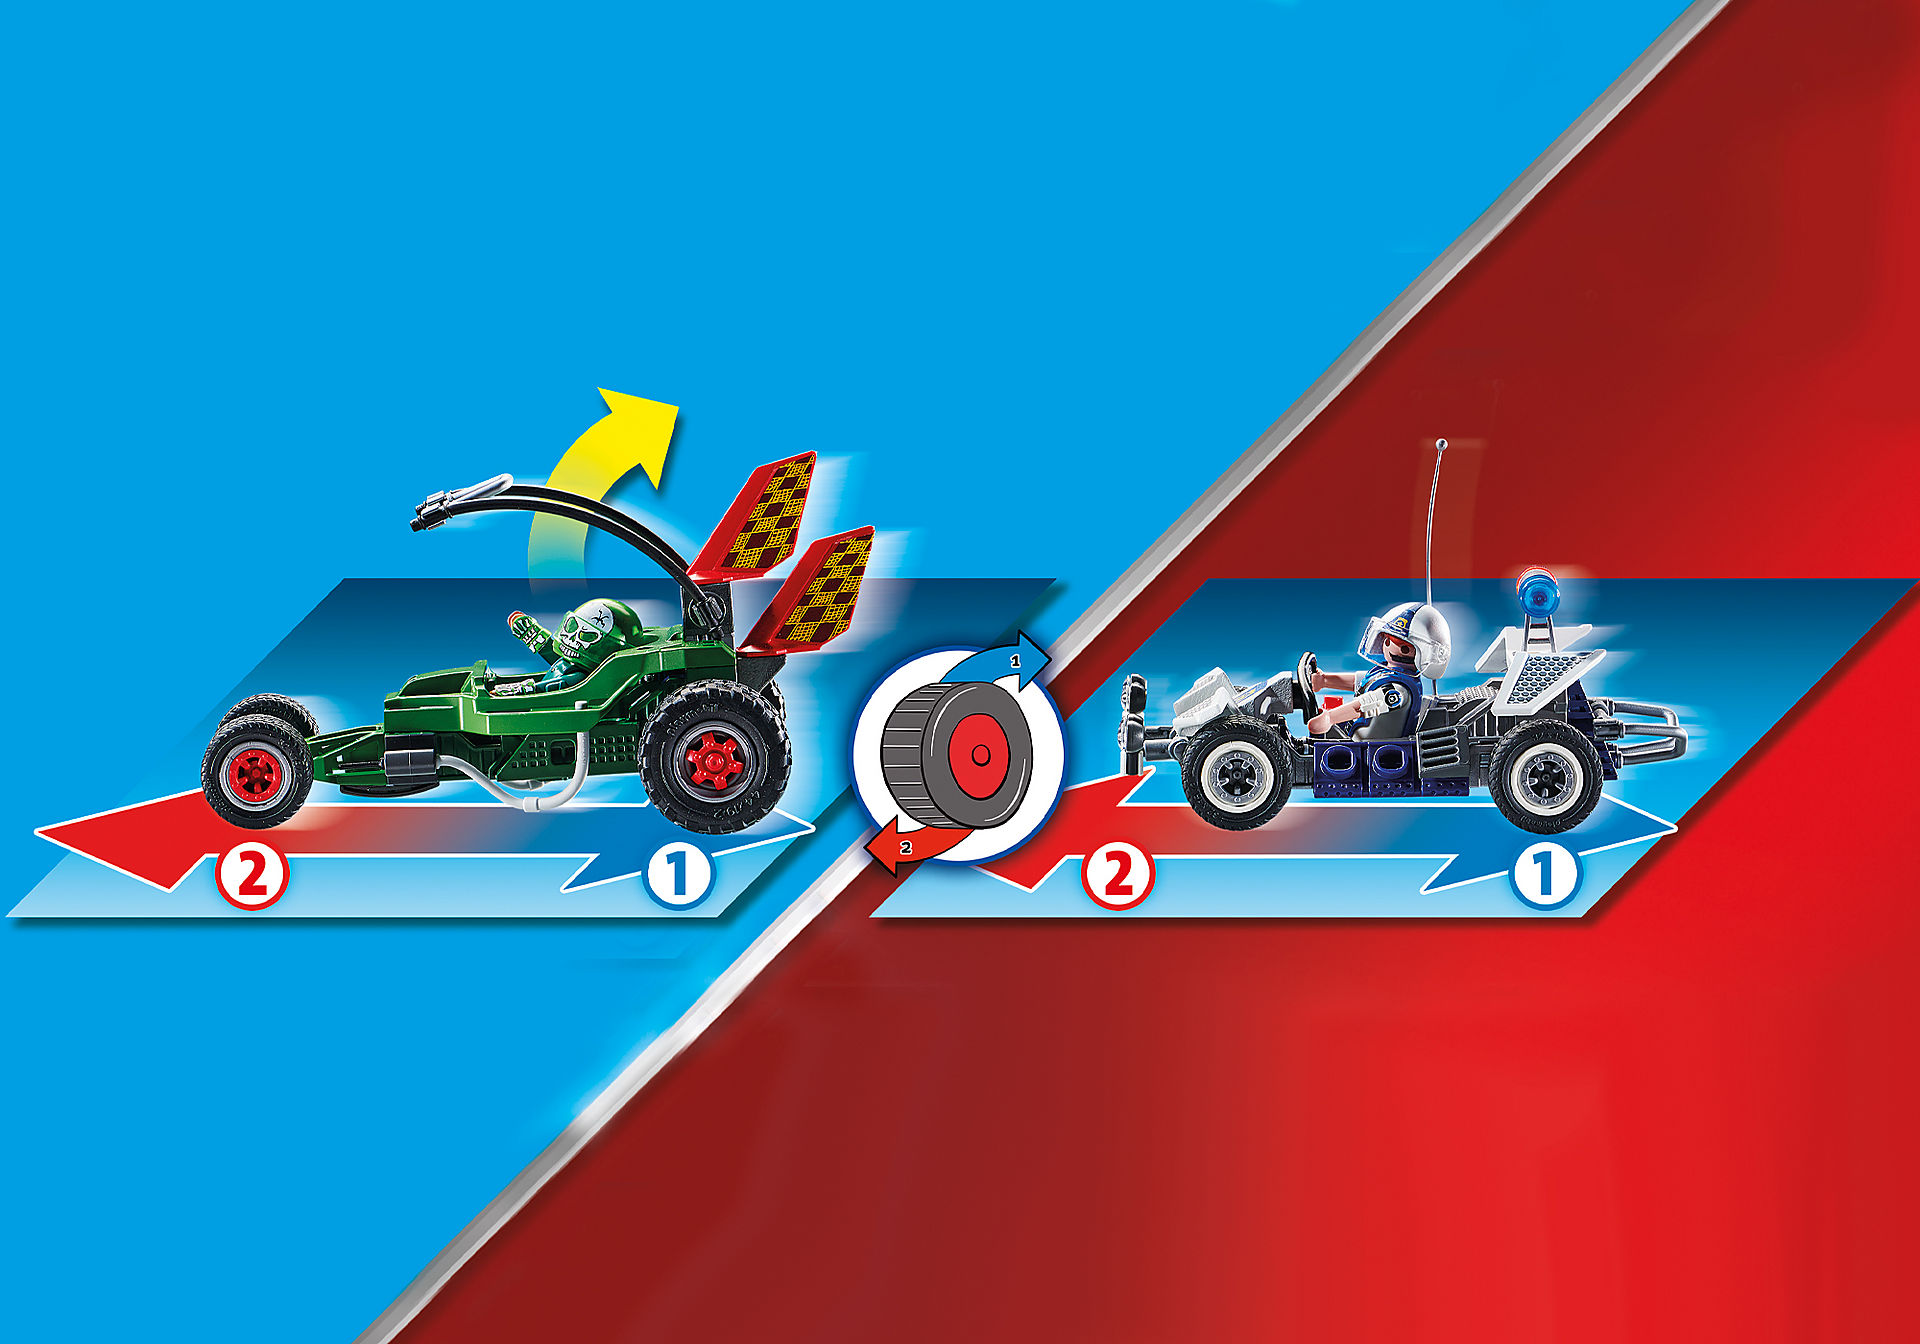 70577 Kart Policial: Perseguição ao ladrão da caixa forte zoom image5